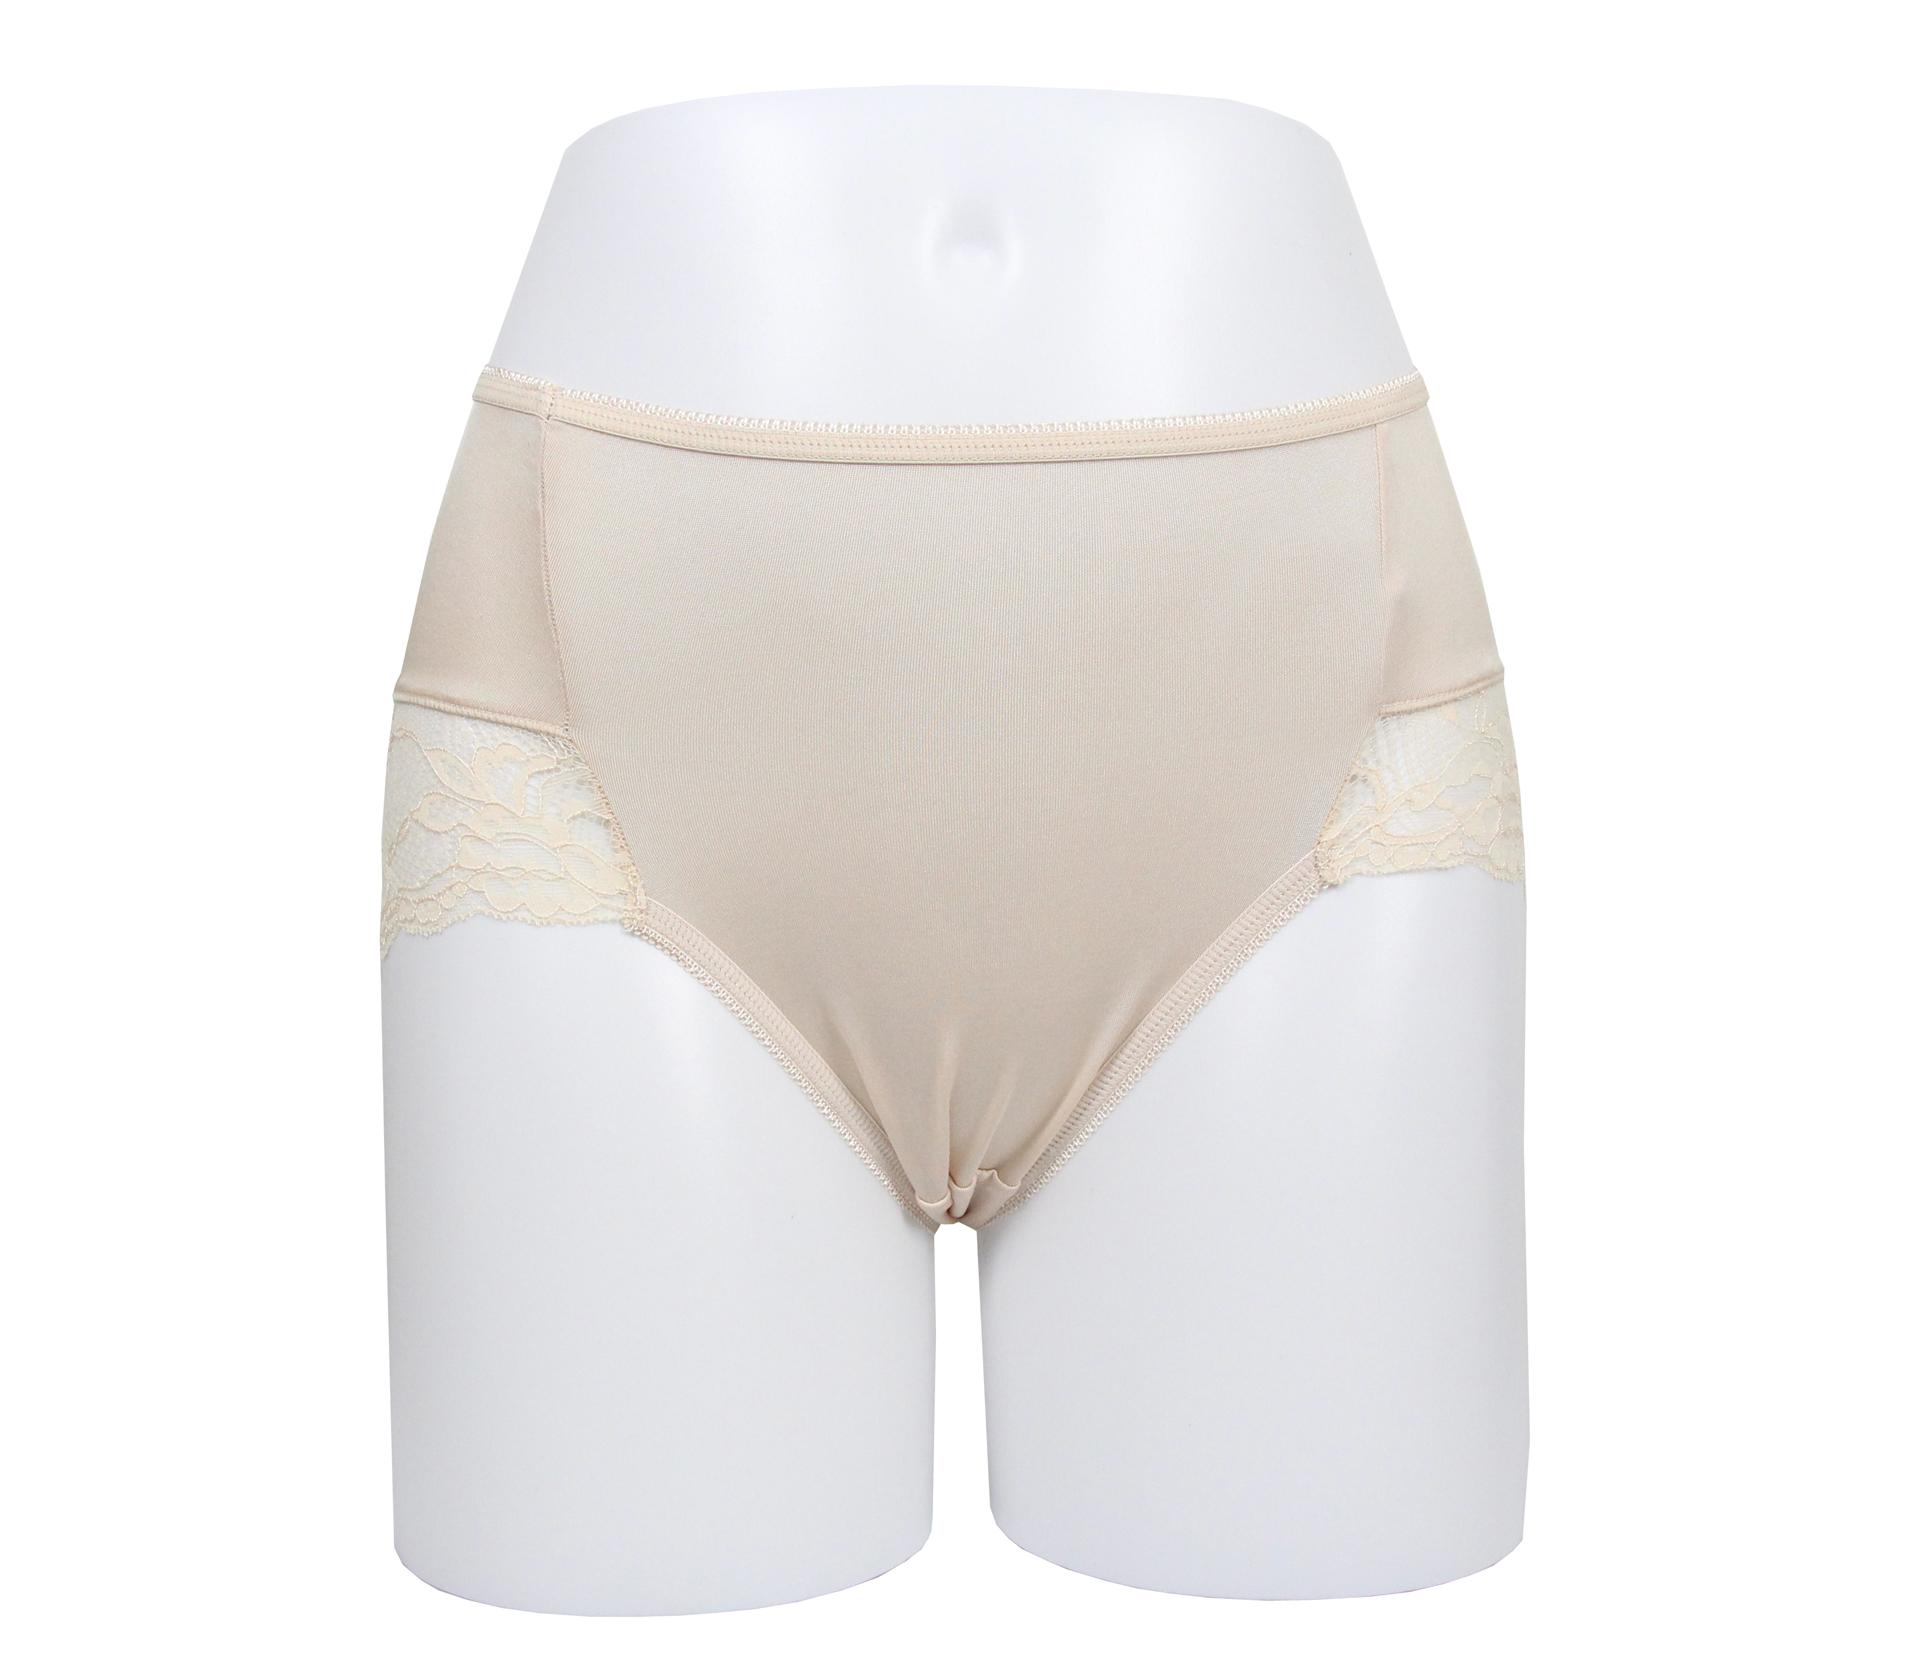 闕蘭絹典雅蕾絲100%蠶絲內褲 - 88910 (黃)